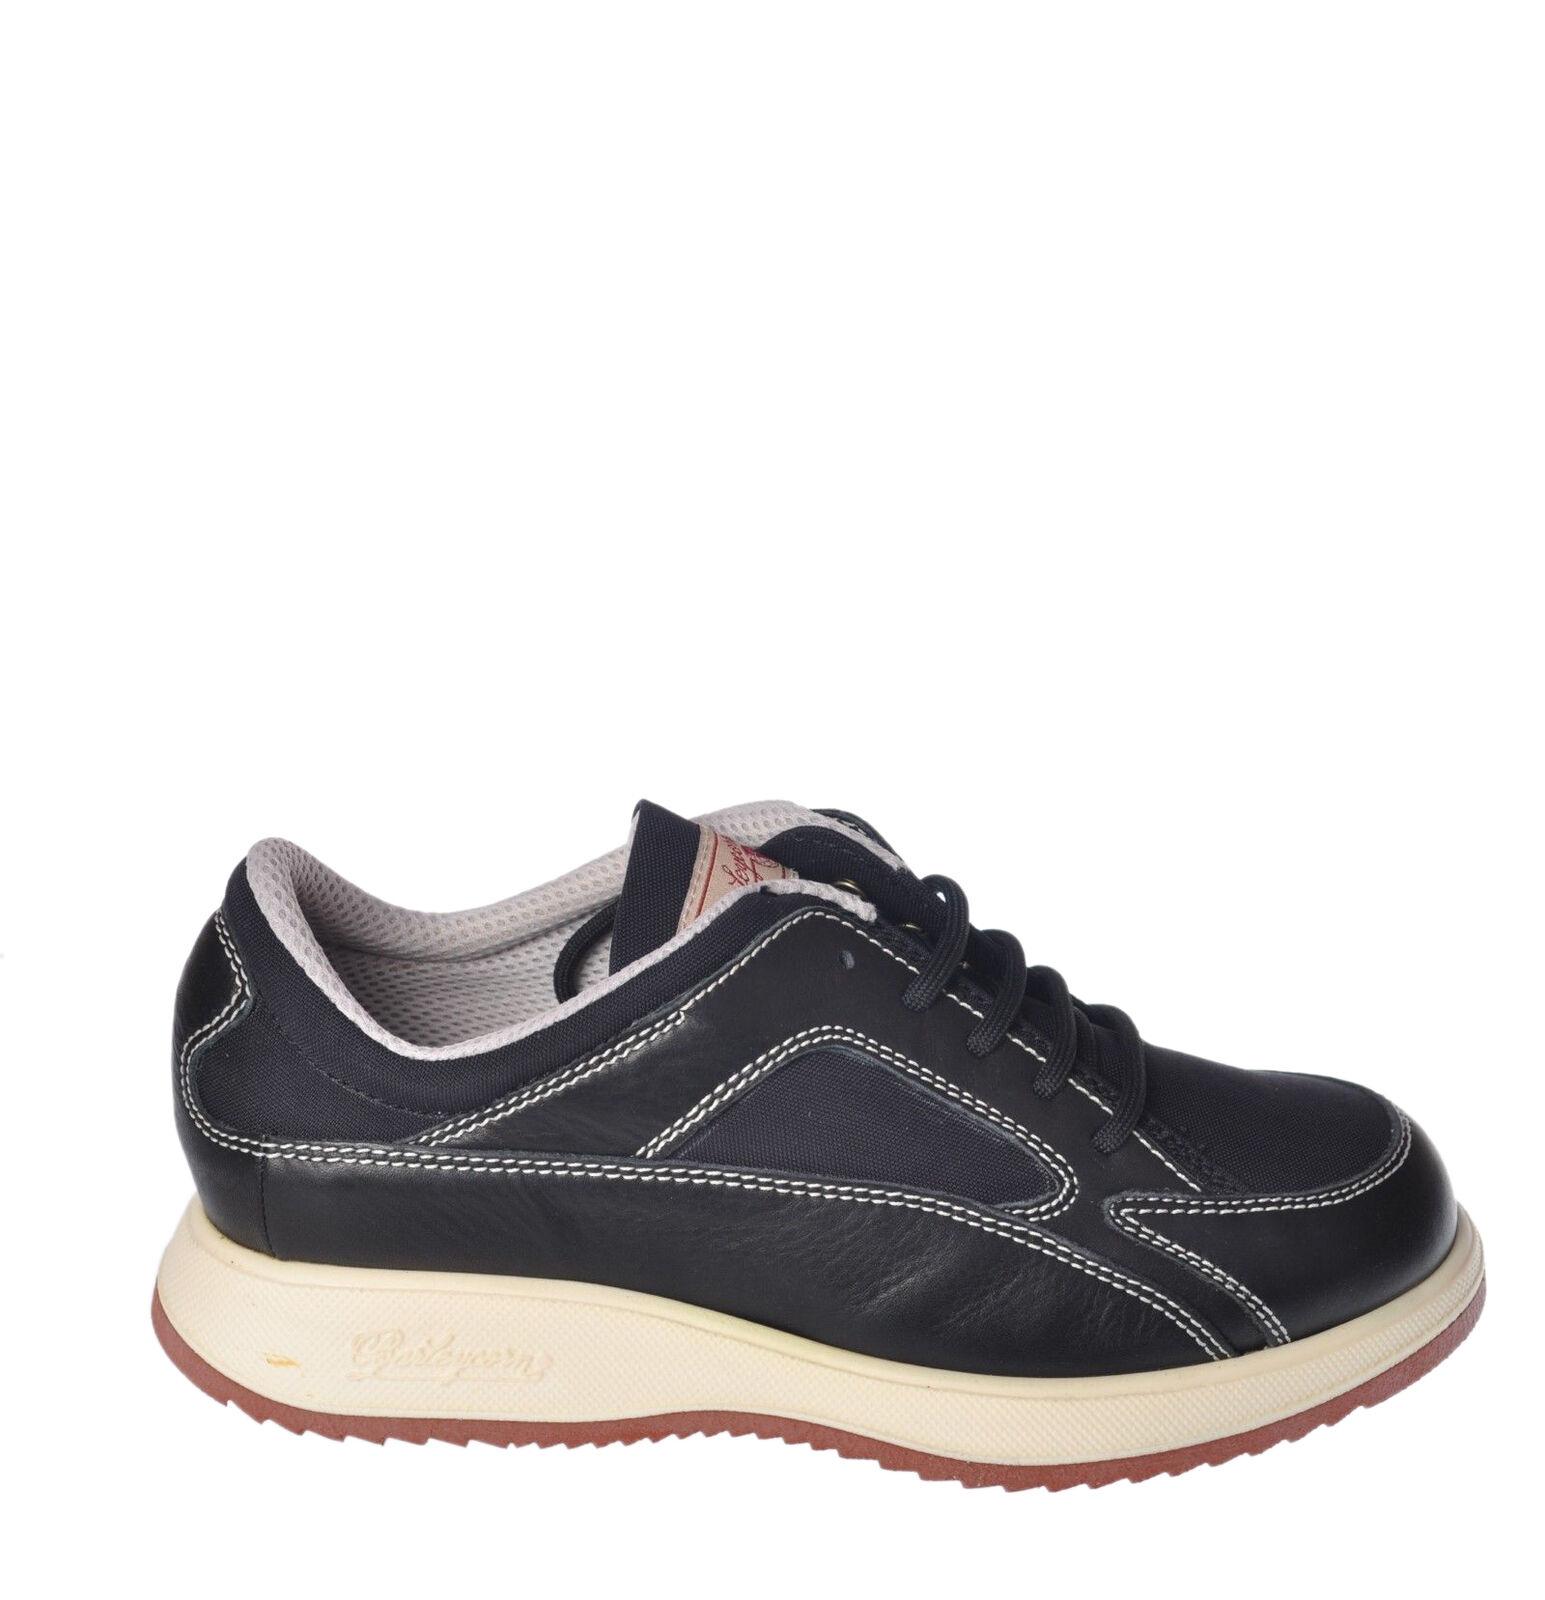 omaggi allo stadio Barleycorn - scarpe-scarpe scarpe-scarpe scarpe-scarpe da ginnastica - Donna - nero - 5146320C183531  in vendita online